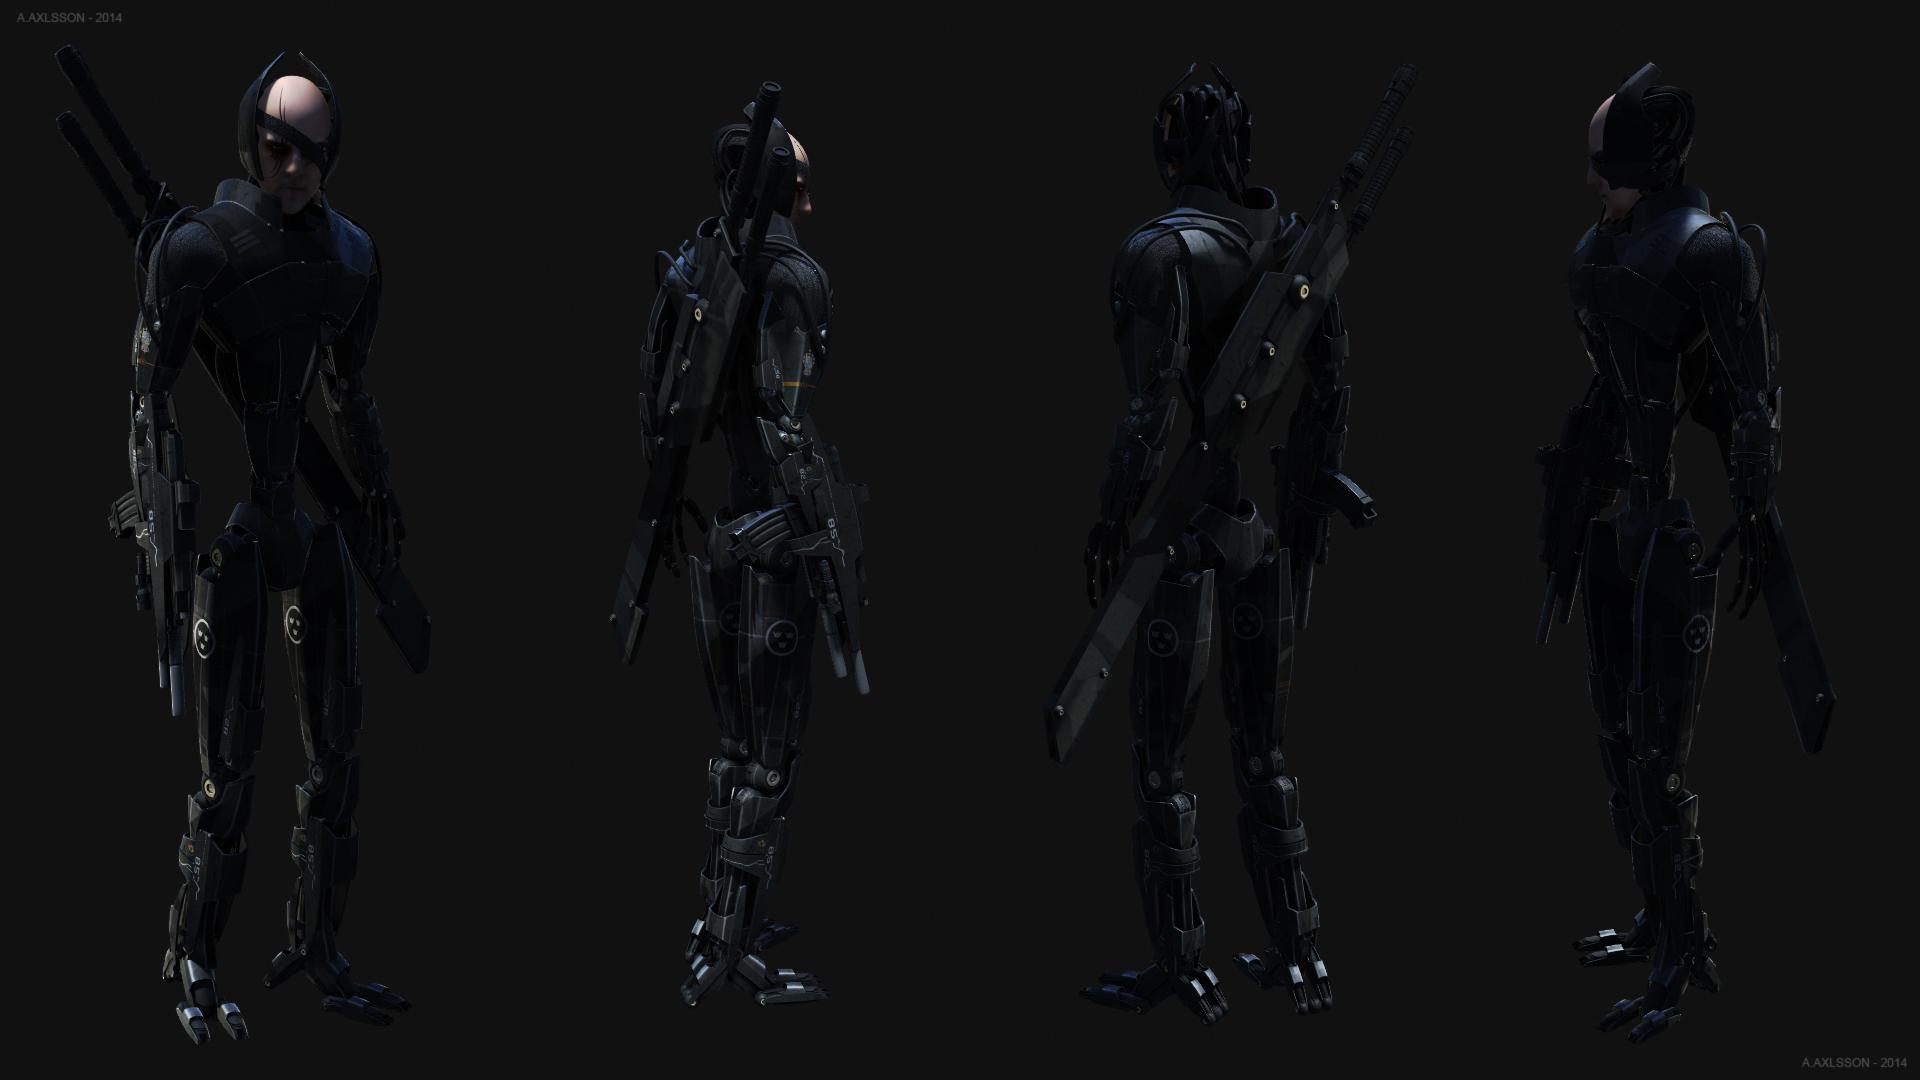 Cyborg 2014 by AlxFX